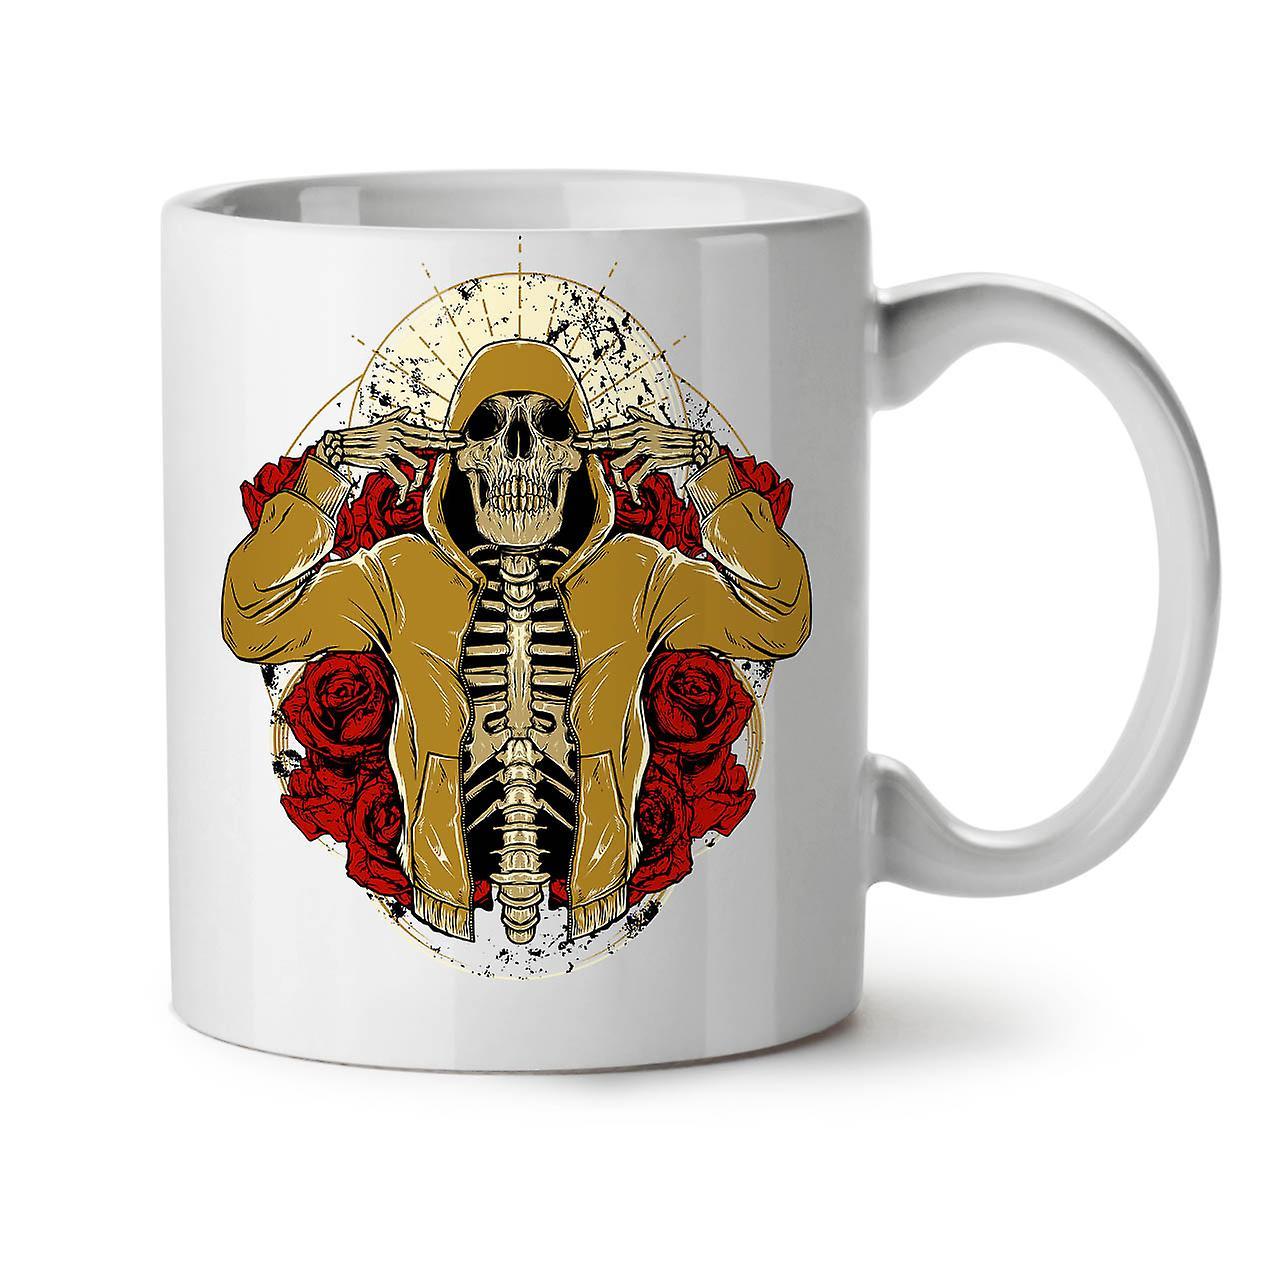 Rap Squelette Nouveau Café 11 Crâne Blanc Tasse Thé Céramique De OzWellcoda Rose dxeCoBrW